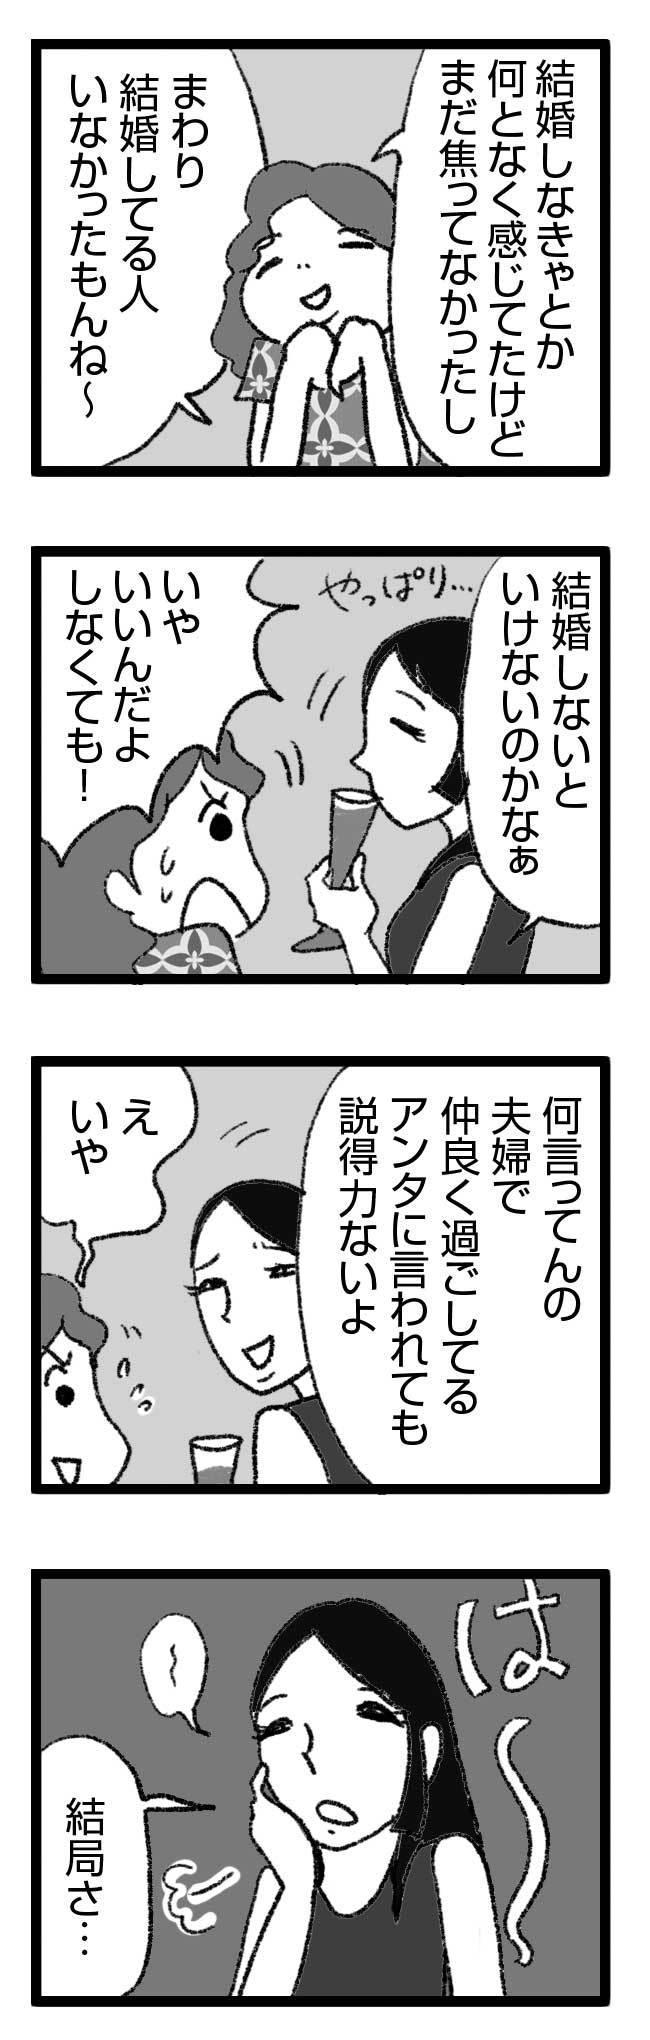 239 不倫と負け婚6_2 婚活 恋活 不倫 元彼 職場 ふりん まんが 漫画 マンガ